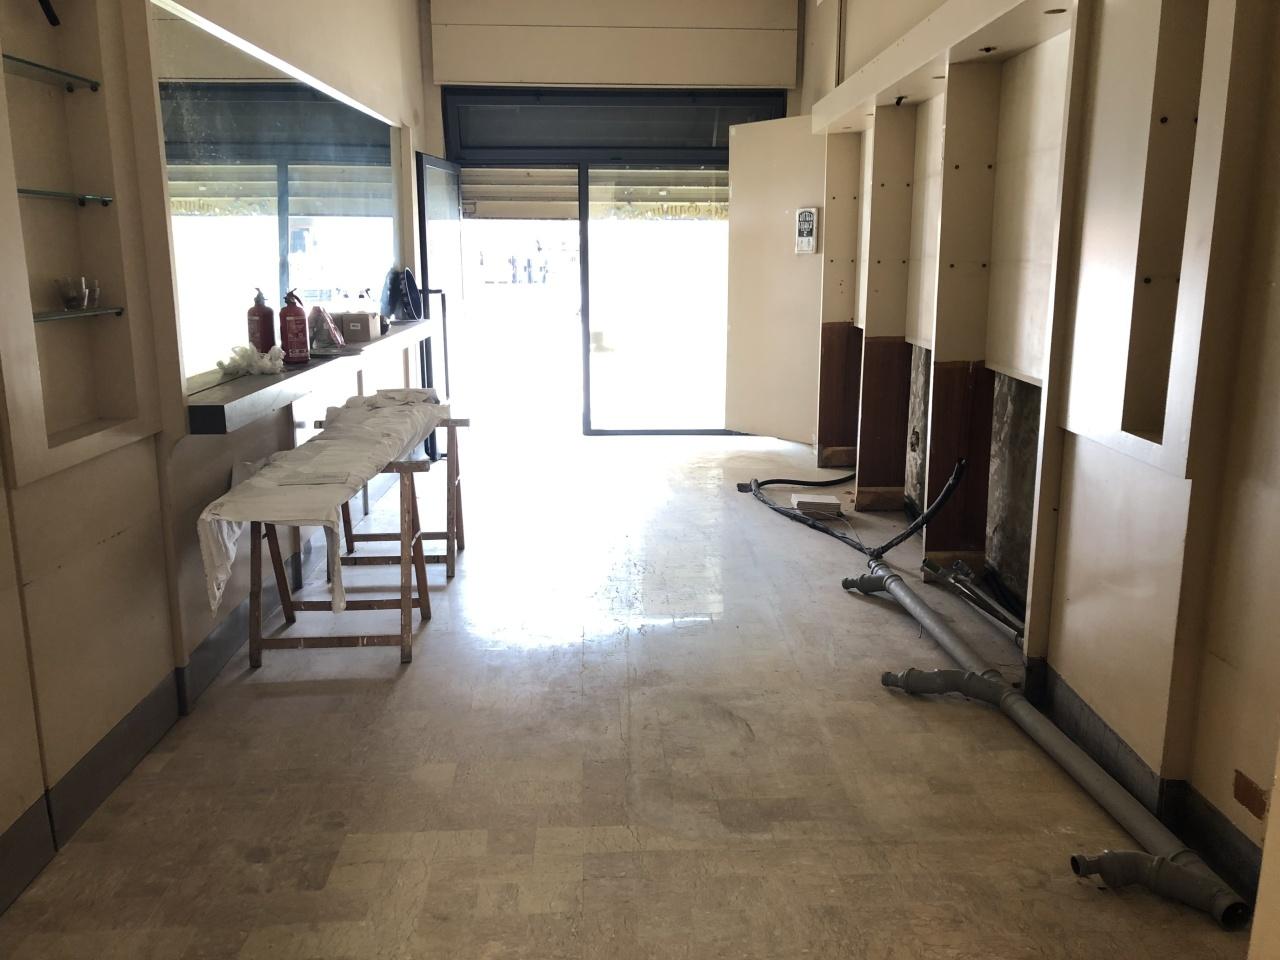 Locale commerciale - 1 Vetrina a Cento Rif. 11674558